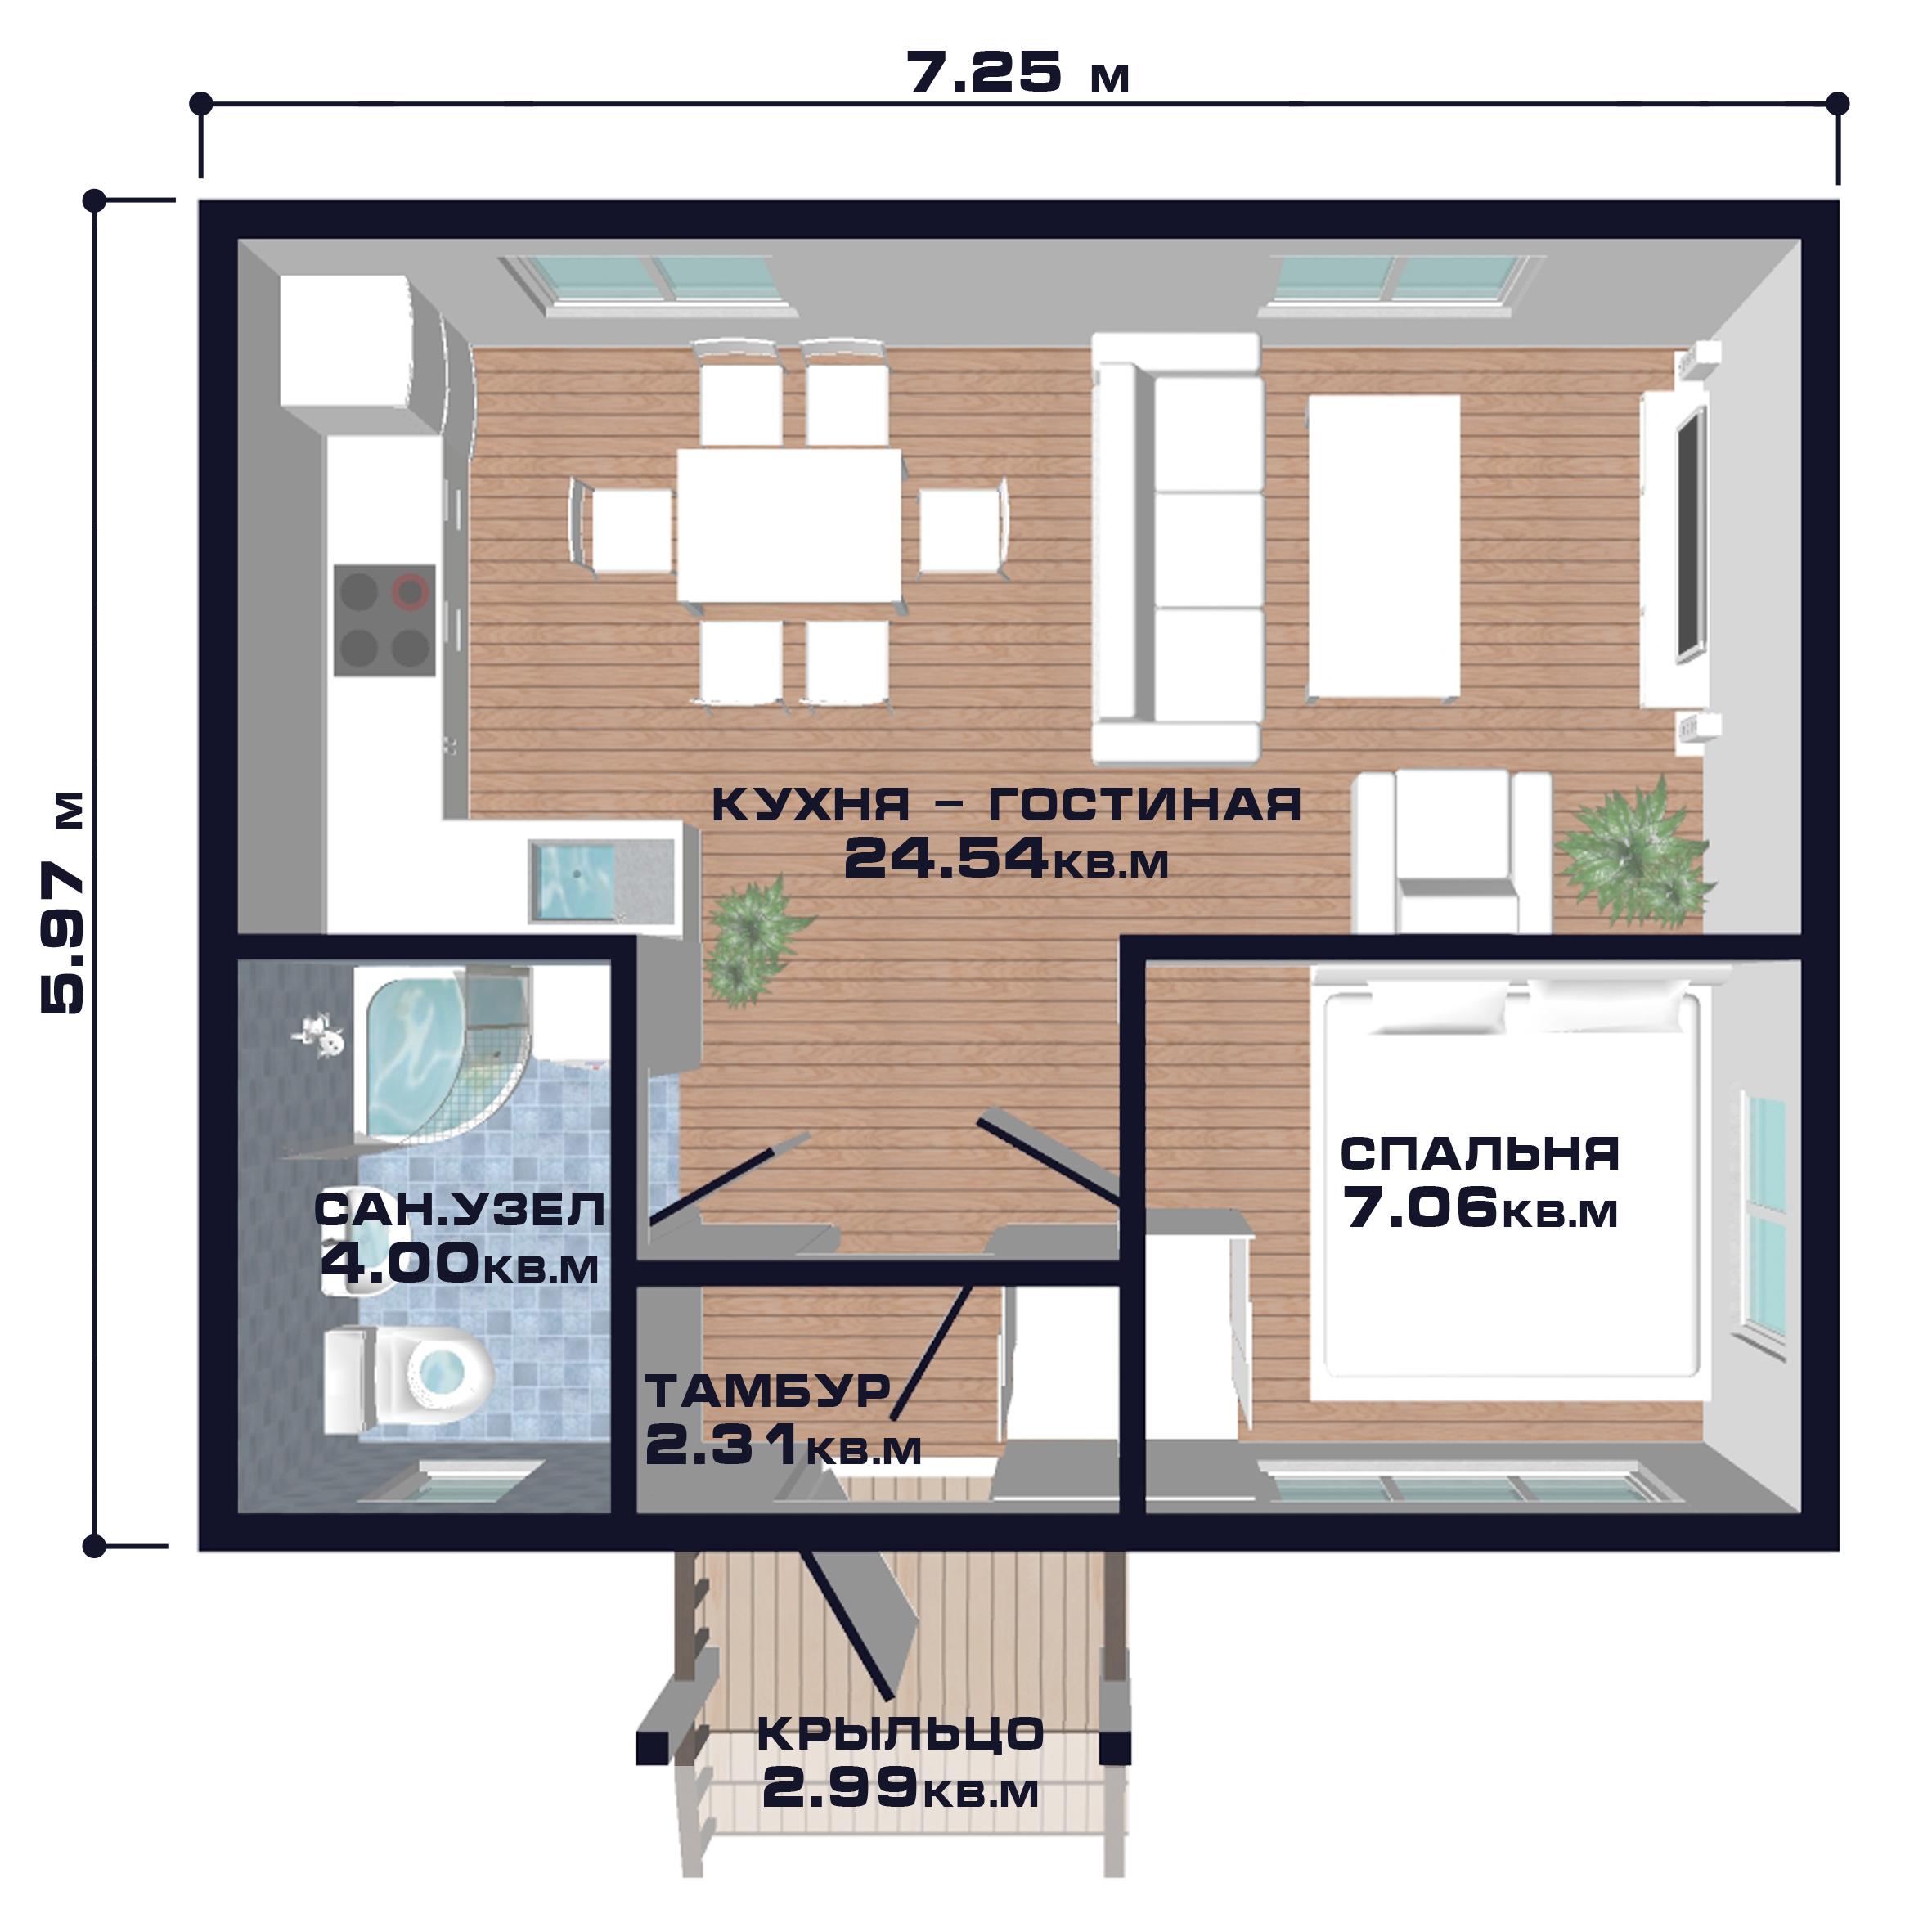 Проэкты дома 40 кв.метров